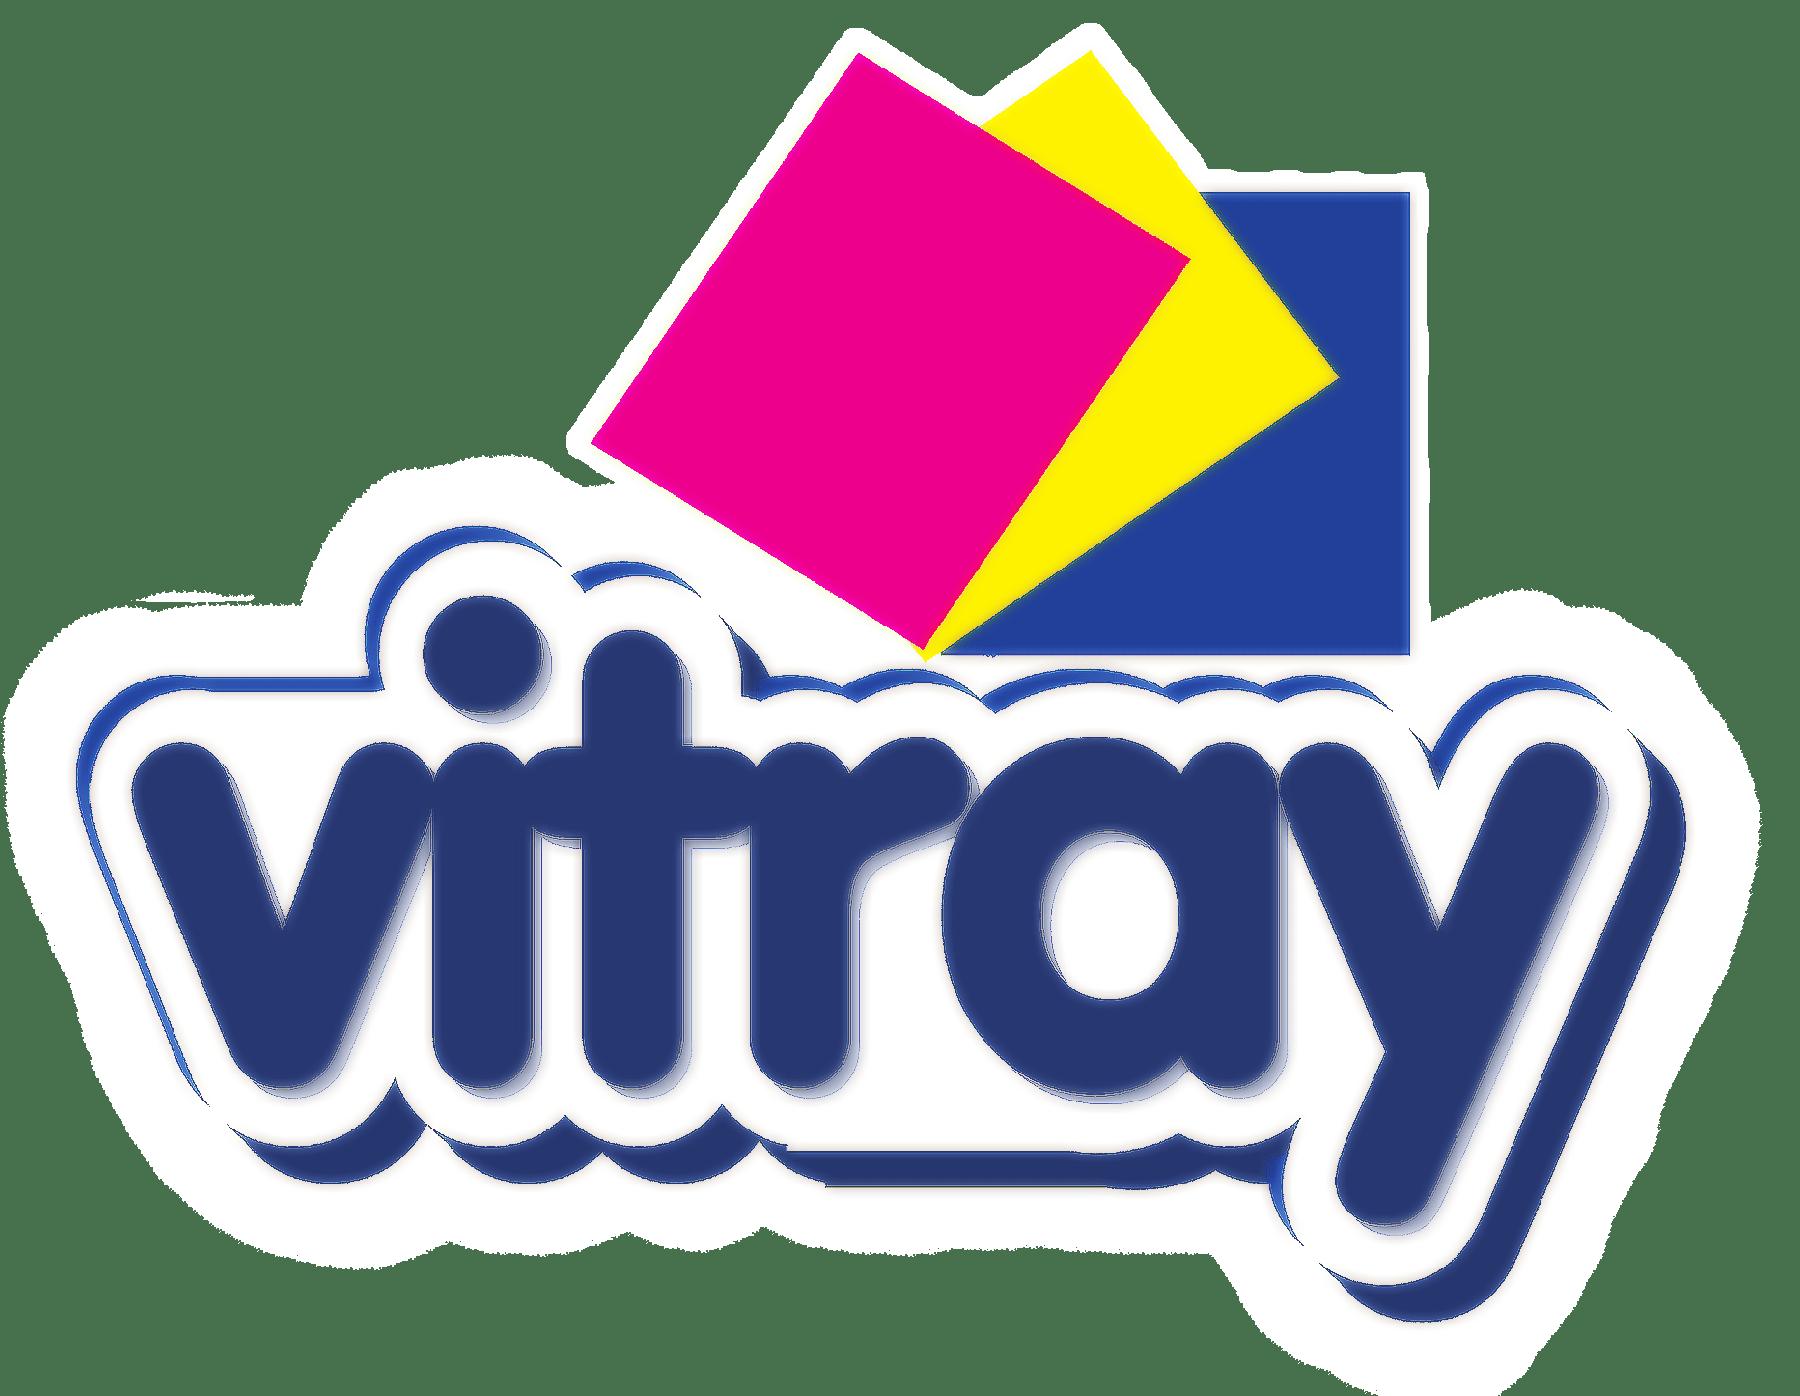 Vitray Gıda